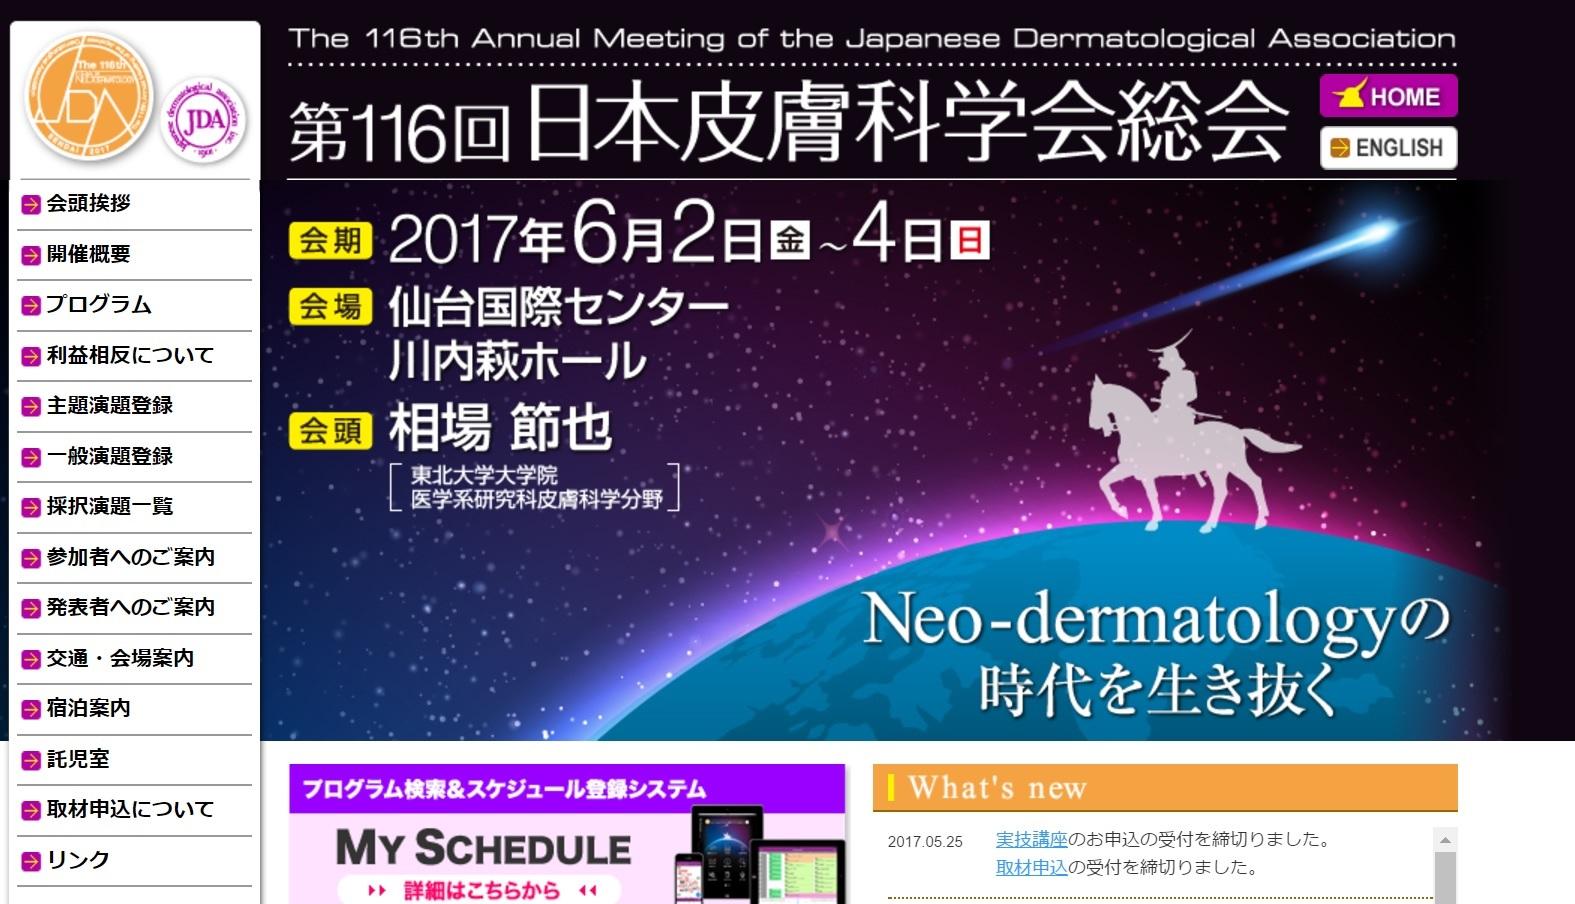 第116回日本皮膚科学会総会